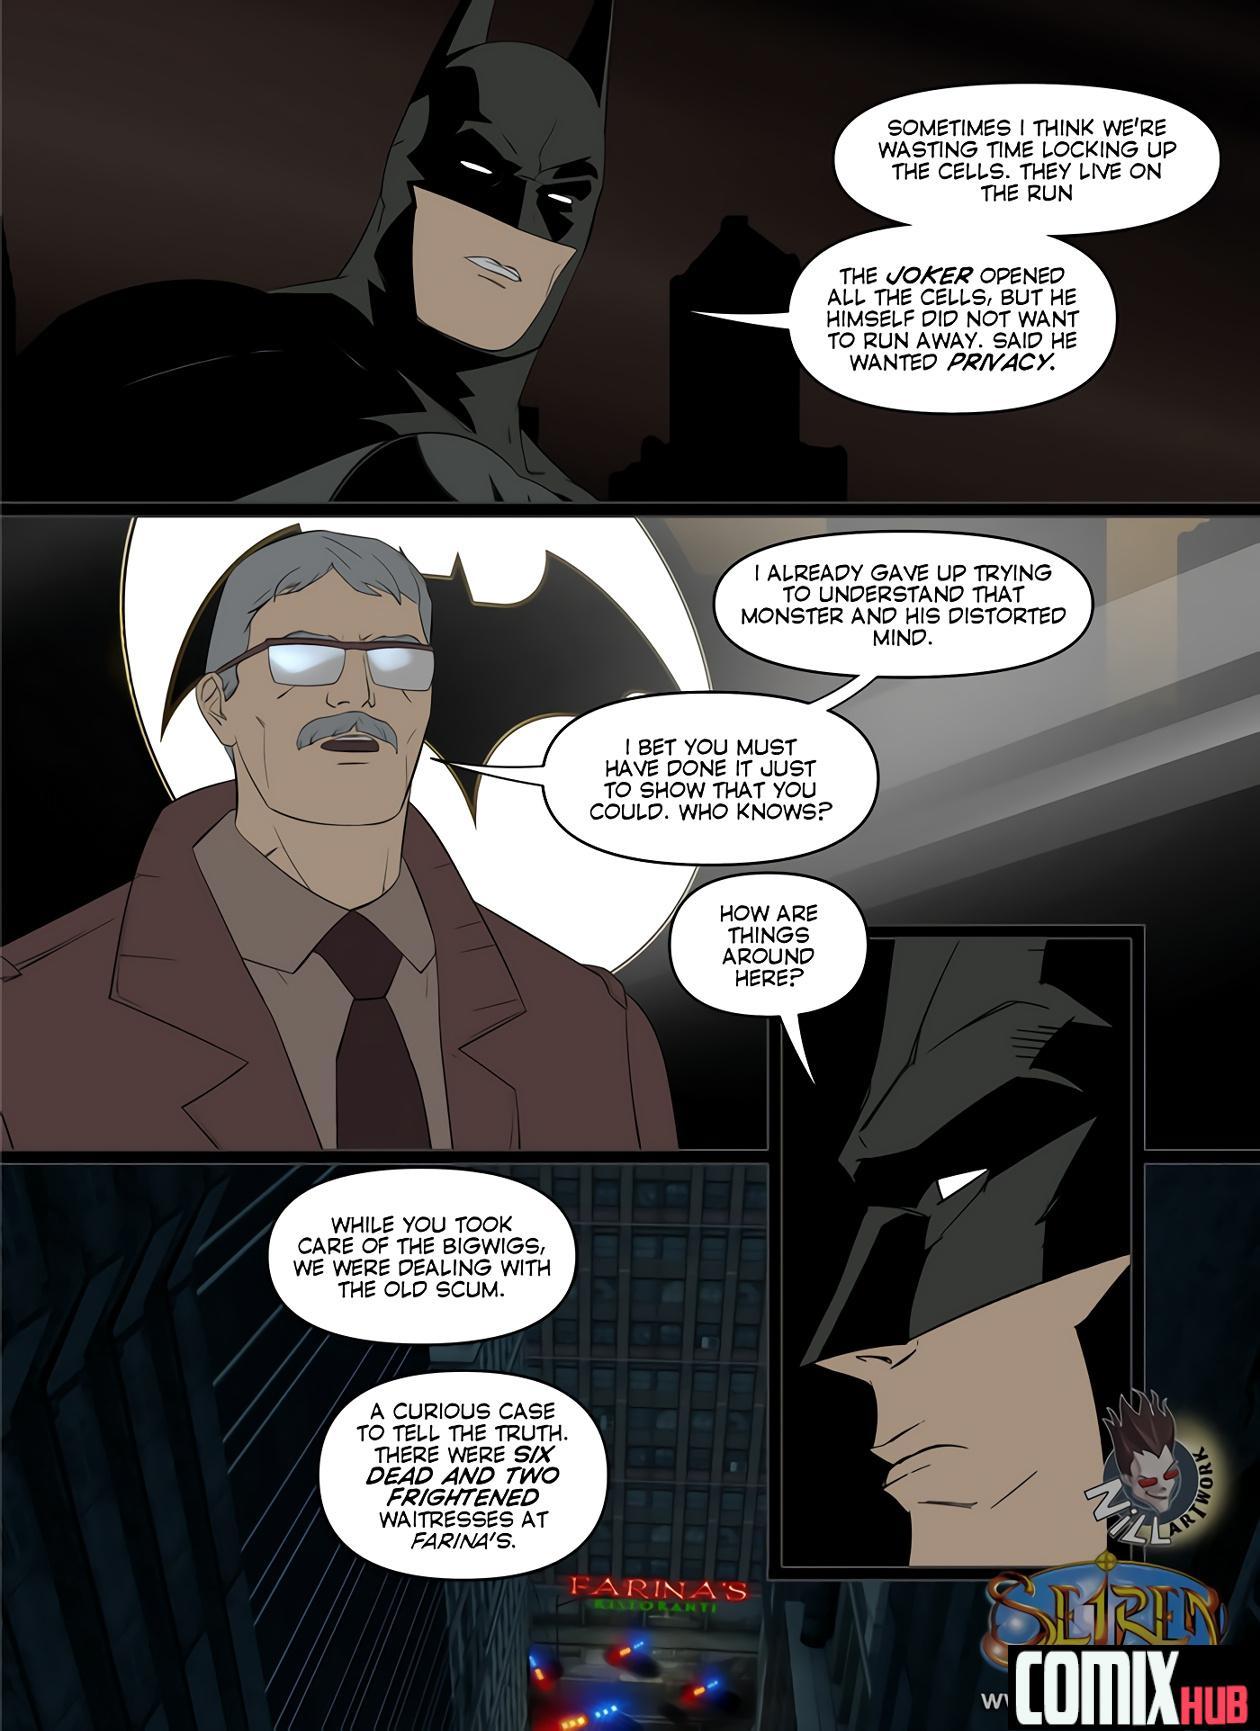 Porn comics, Batman Oral sex, Blowjob, Cum Shots, Cum Swallow, Femdom, Sex and Magic, Straight